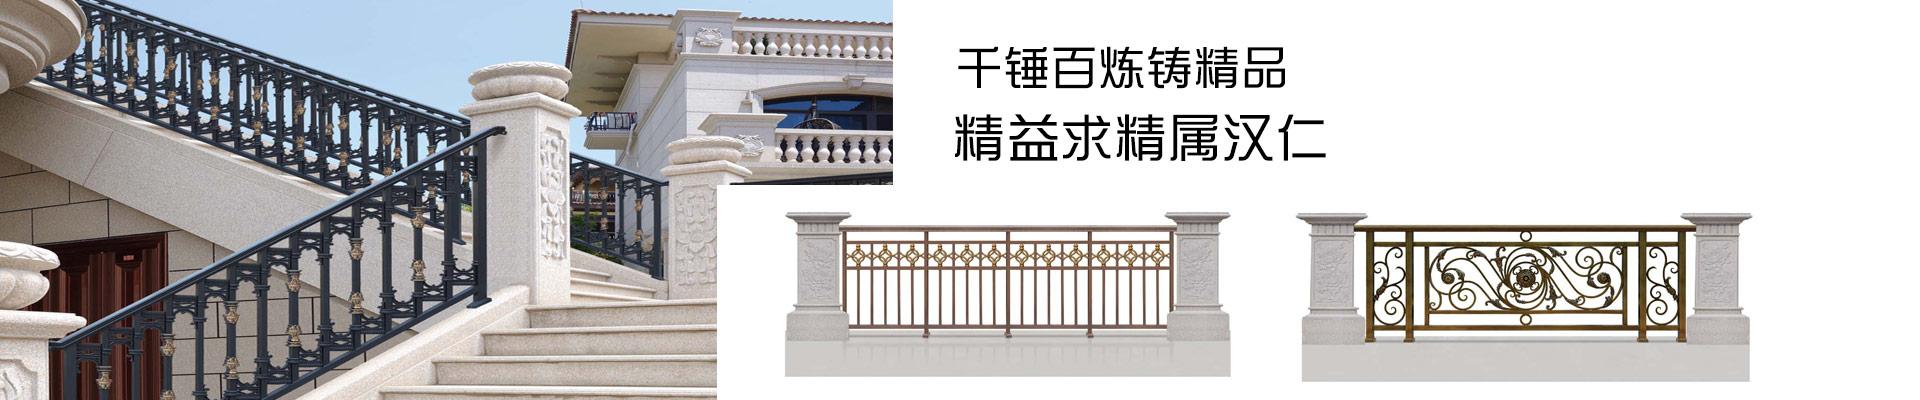 铝艺护栏 :千锤百炼铸精品,精益求精属汉仁